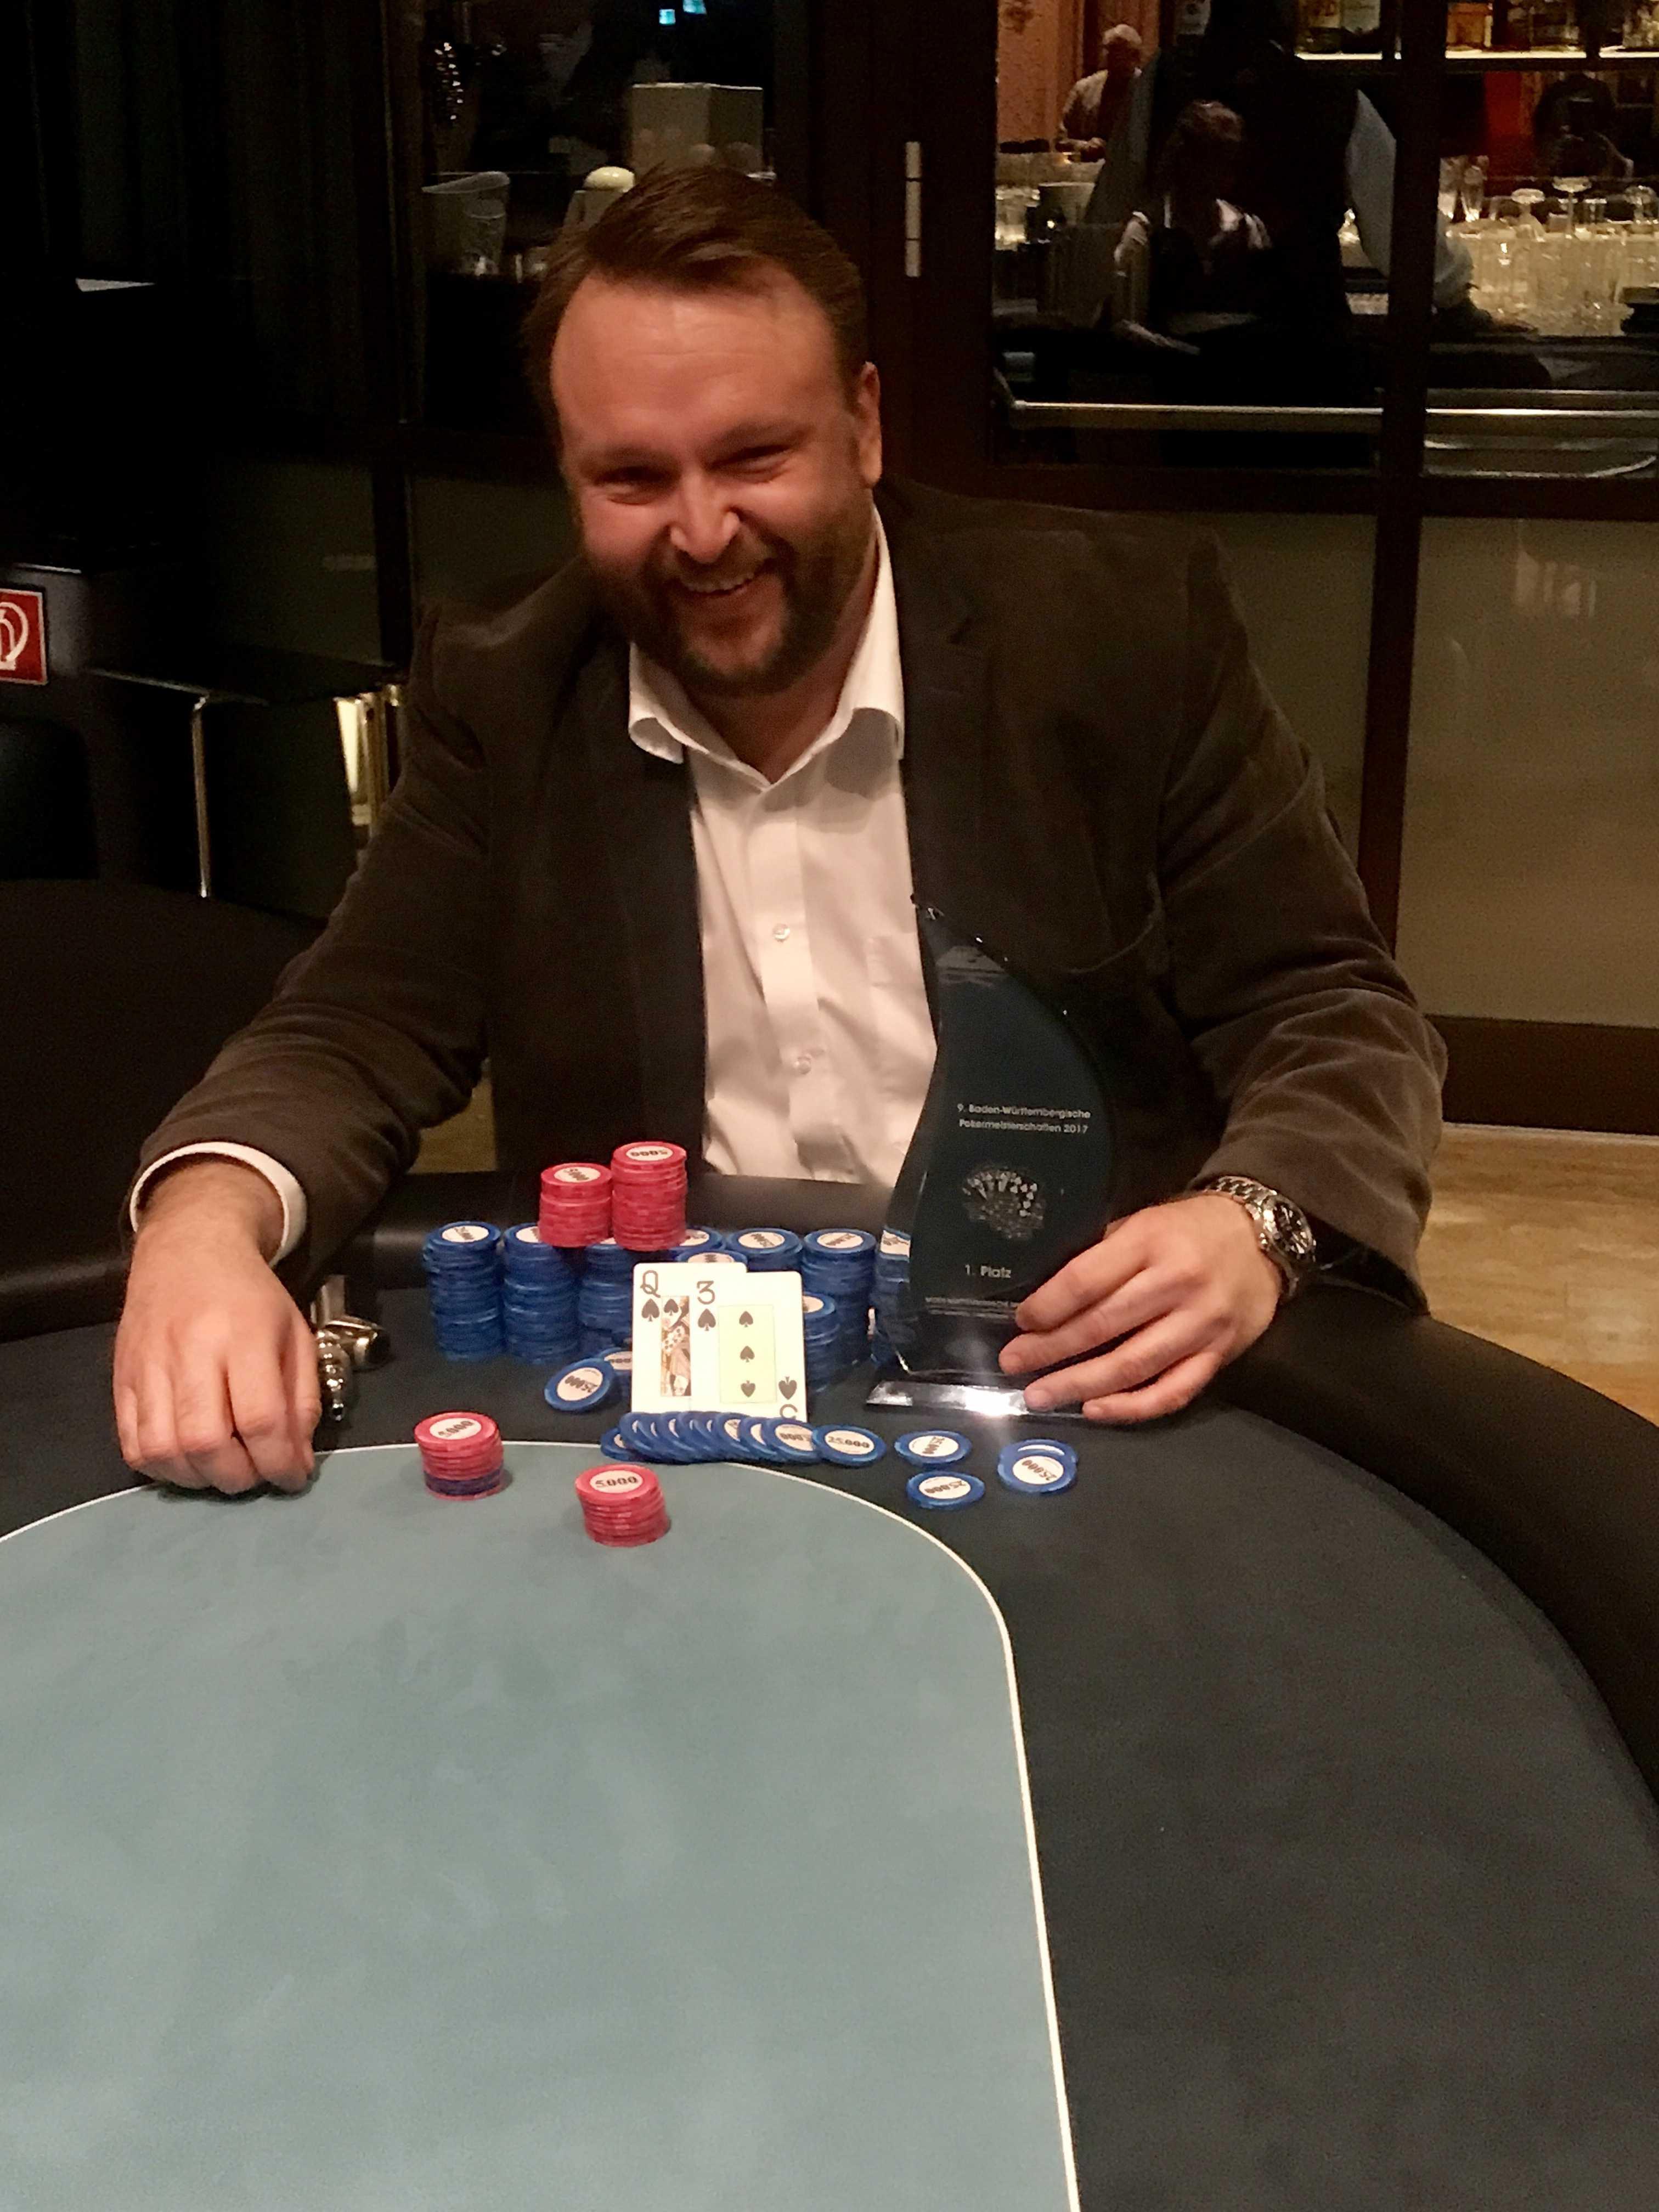 casino baden baden achtsechs holt sich den titel bei der bw meisterschaft pokerfirma. Black Bedroom Furniture Sets. Home Design Ideas